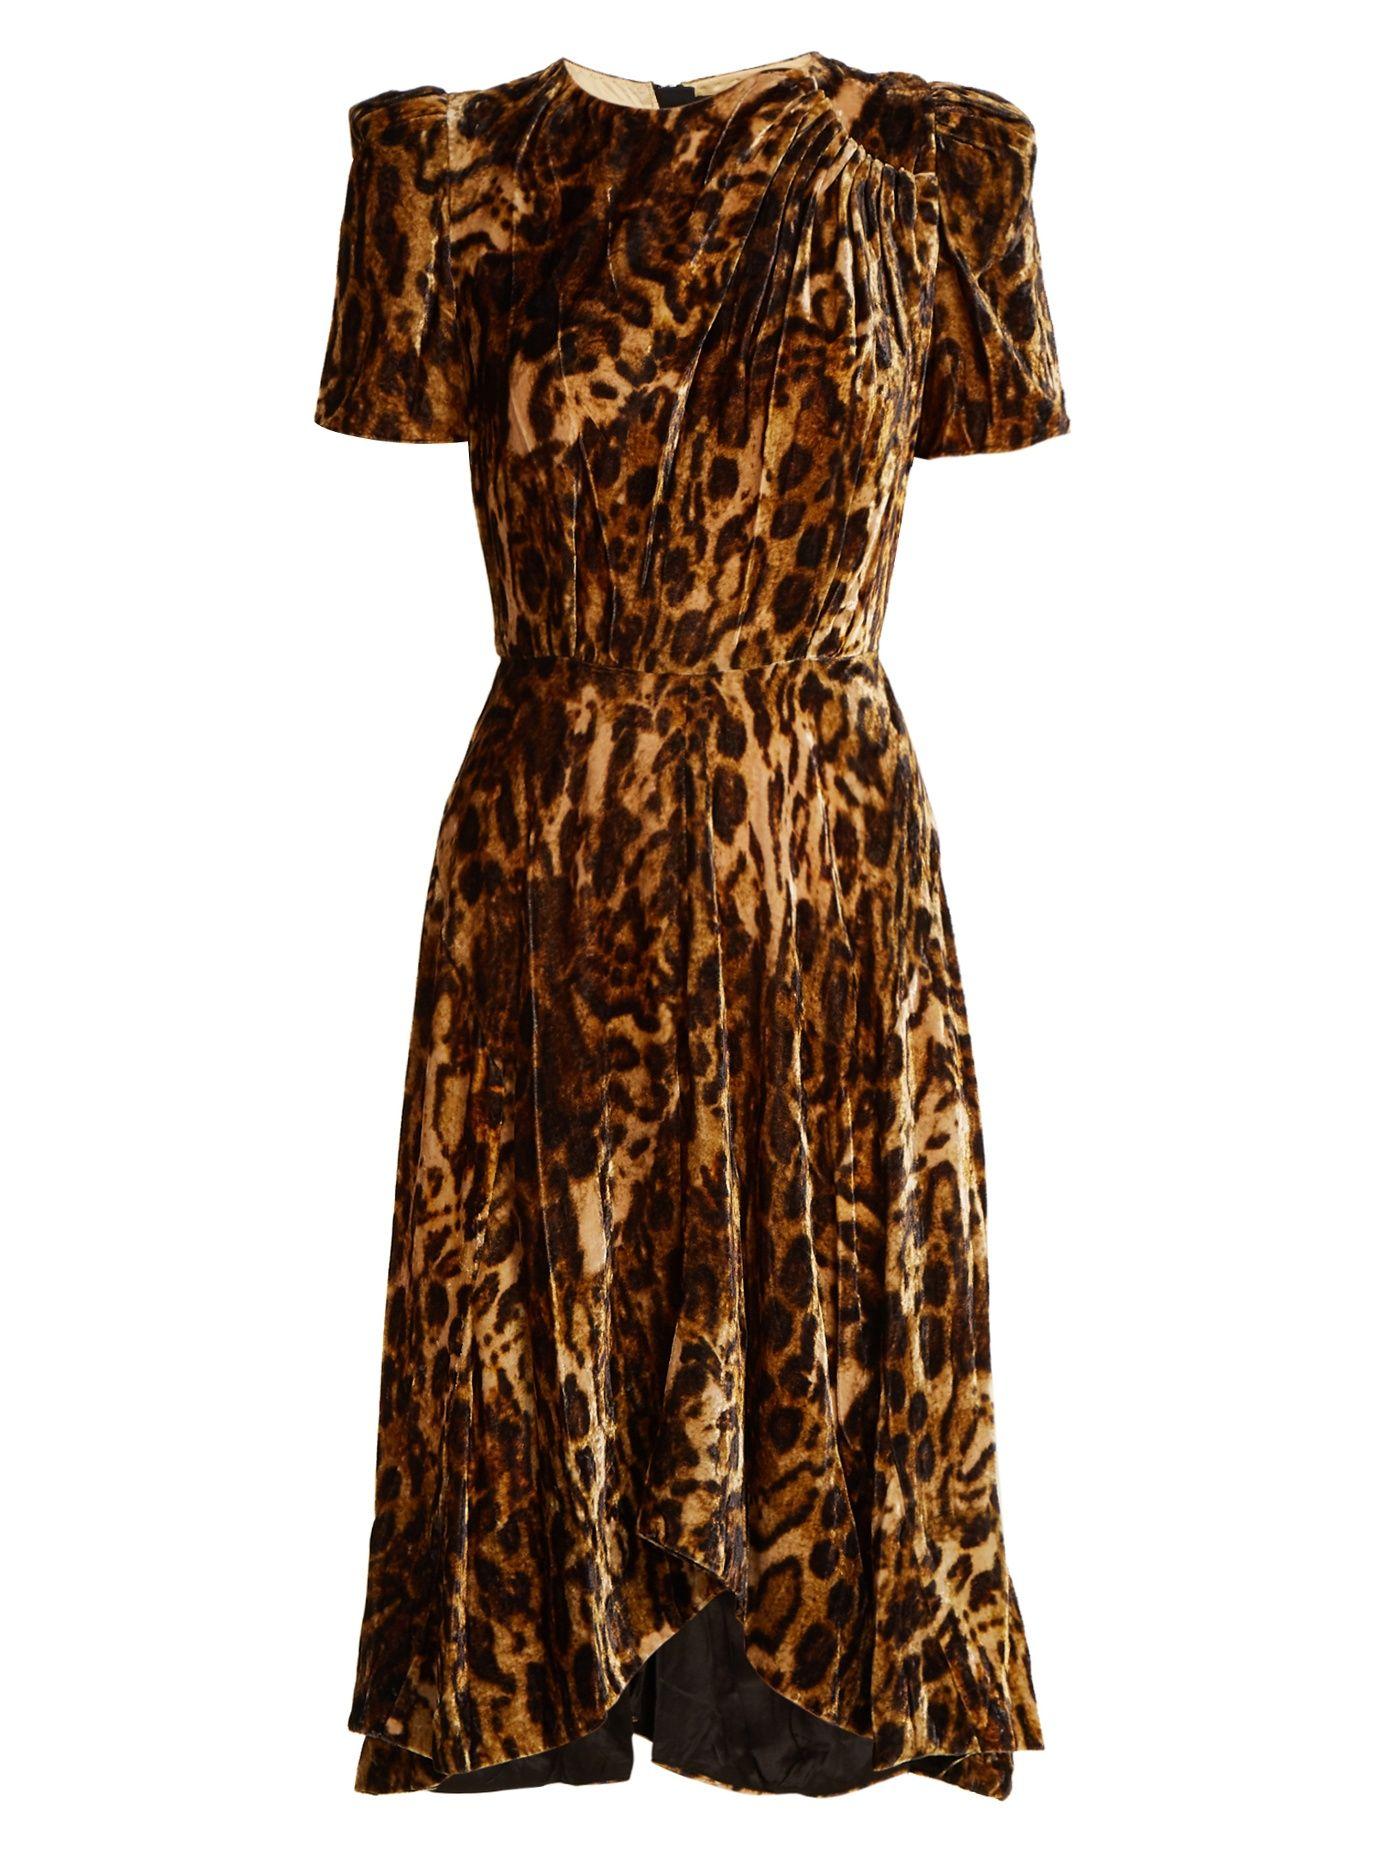 3916a7764efe Isabel Marant's Tonal-Brown Velvet Ulia Dress BUY @ weselsectdresses.com  £641